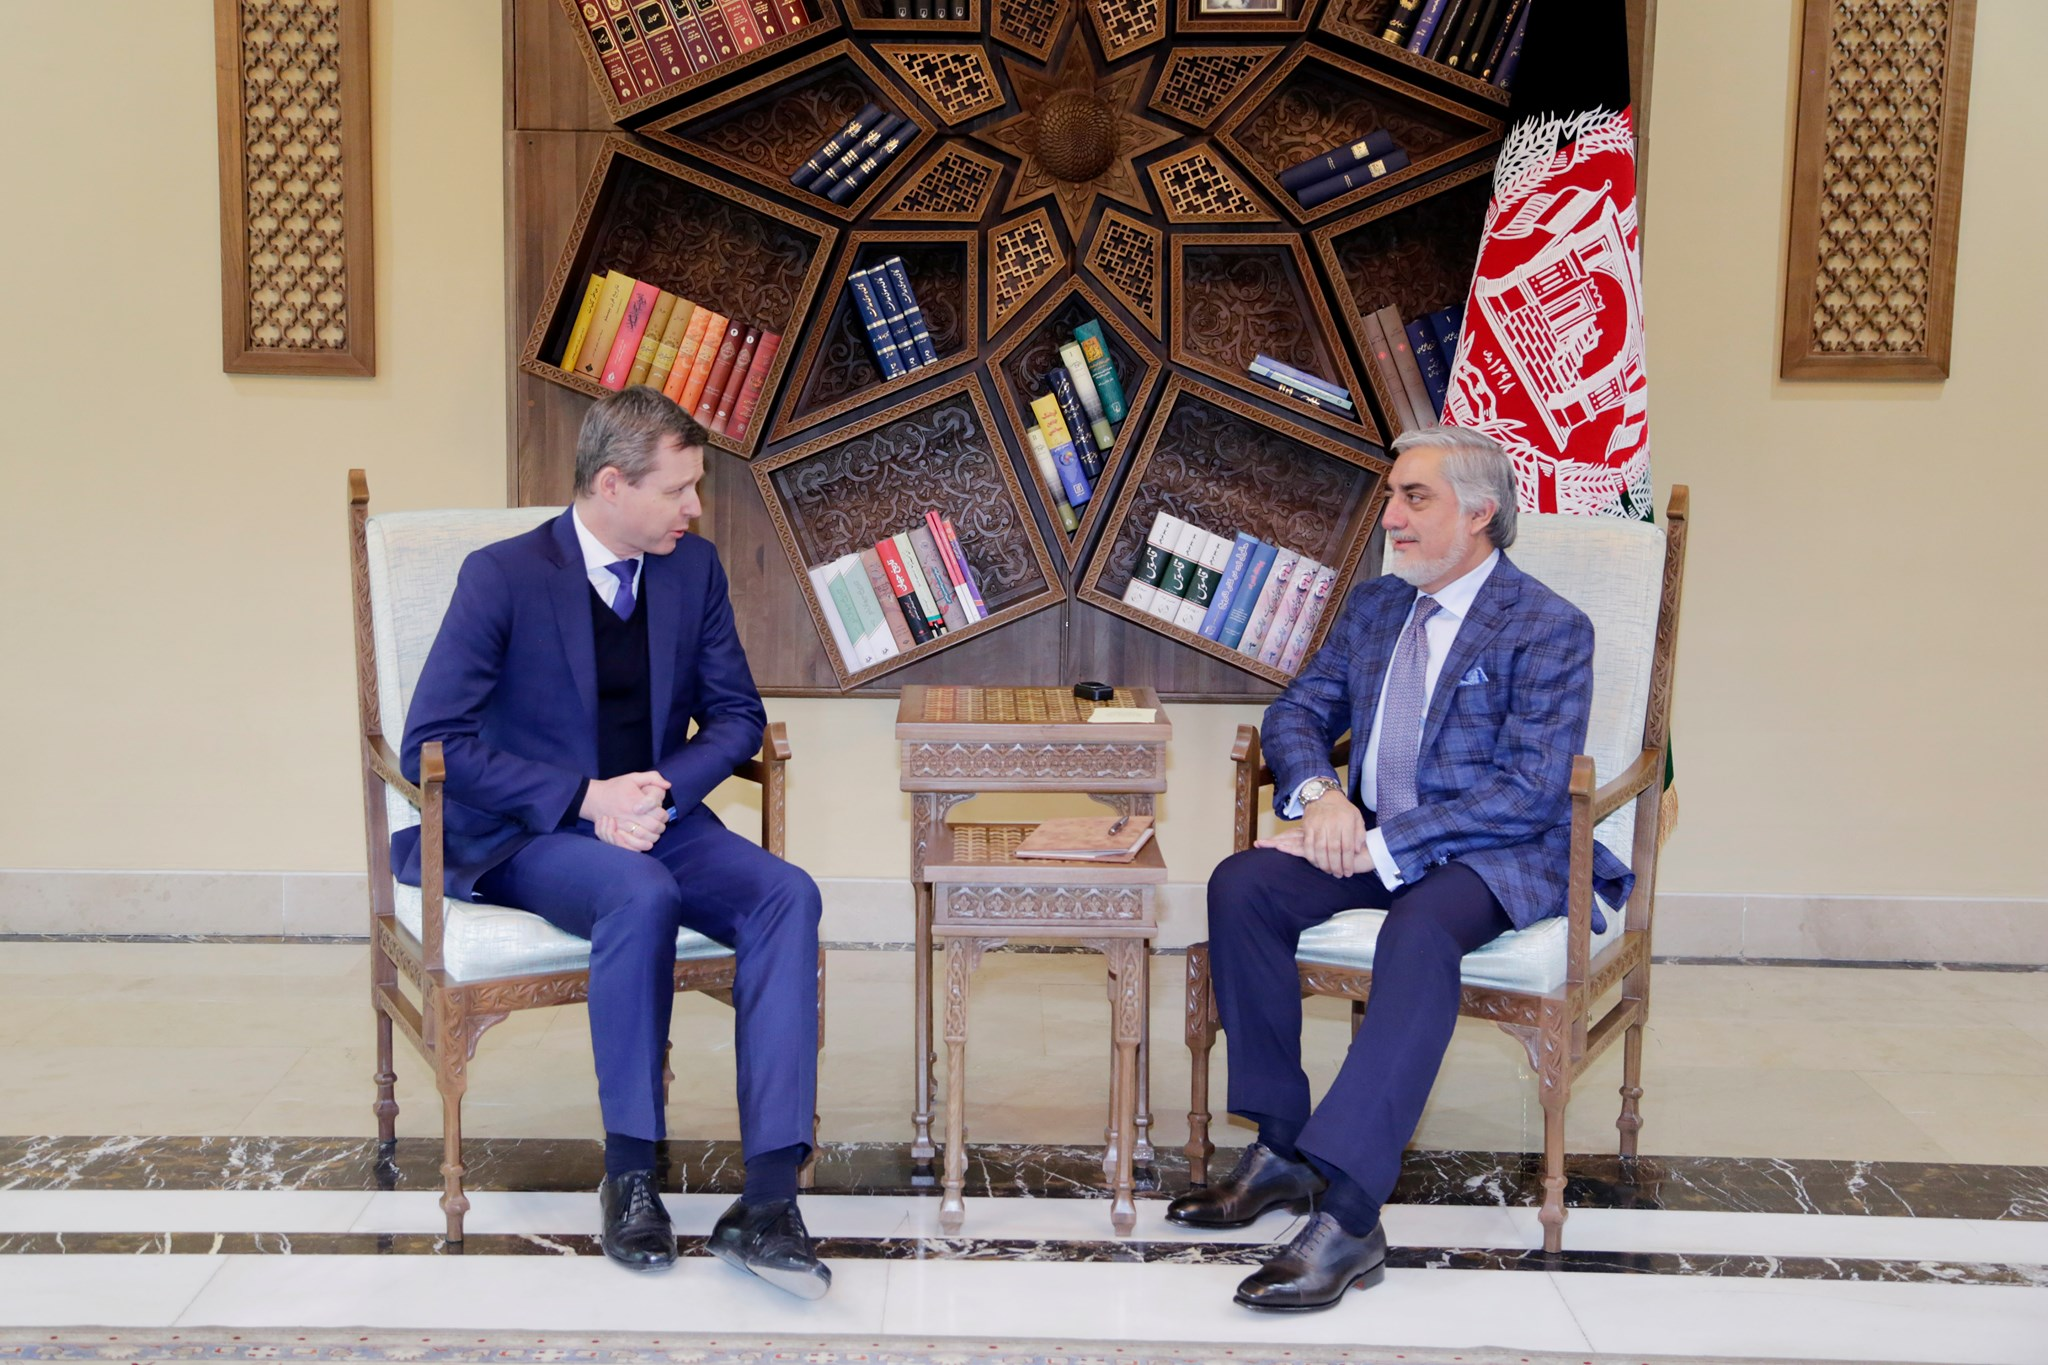 ملاقات با جناب توماس زیلبرهورن معاون وزیر دفاع جمهوری فدرال آلمان در امور پارلمانی